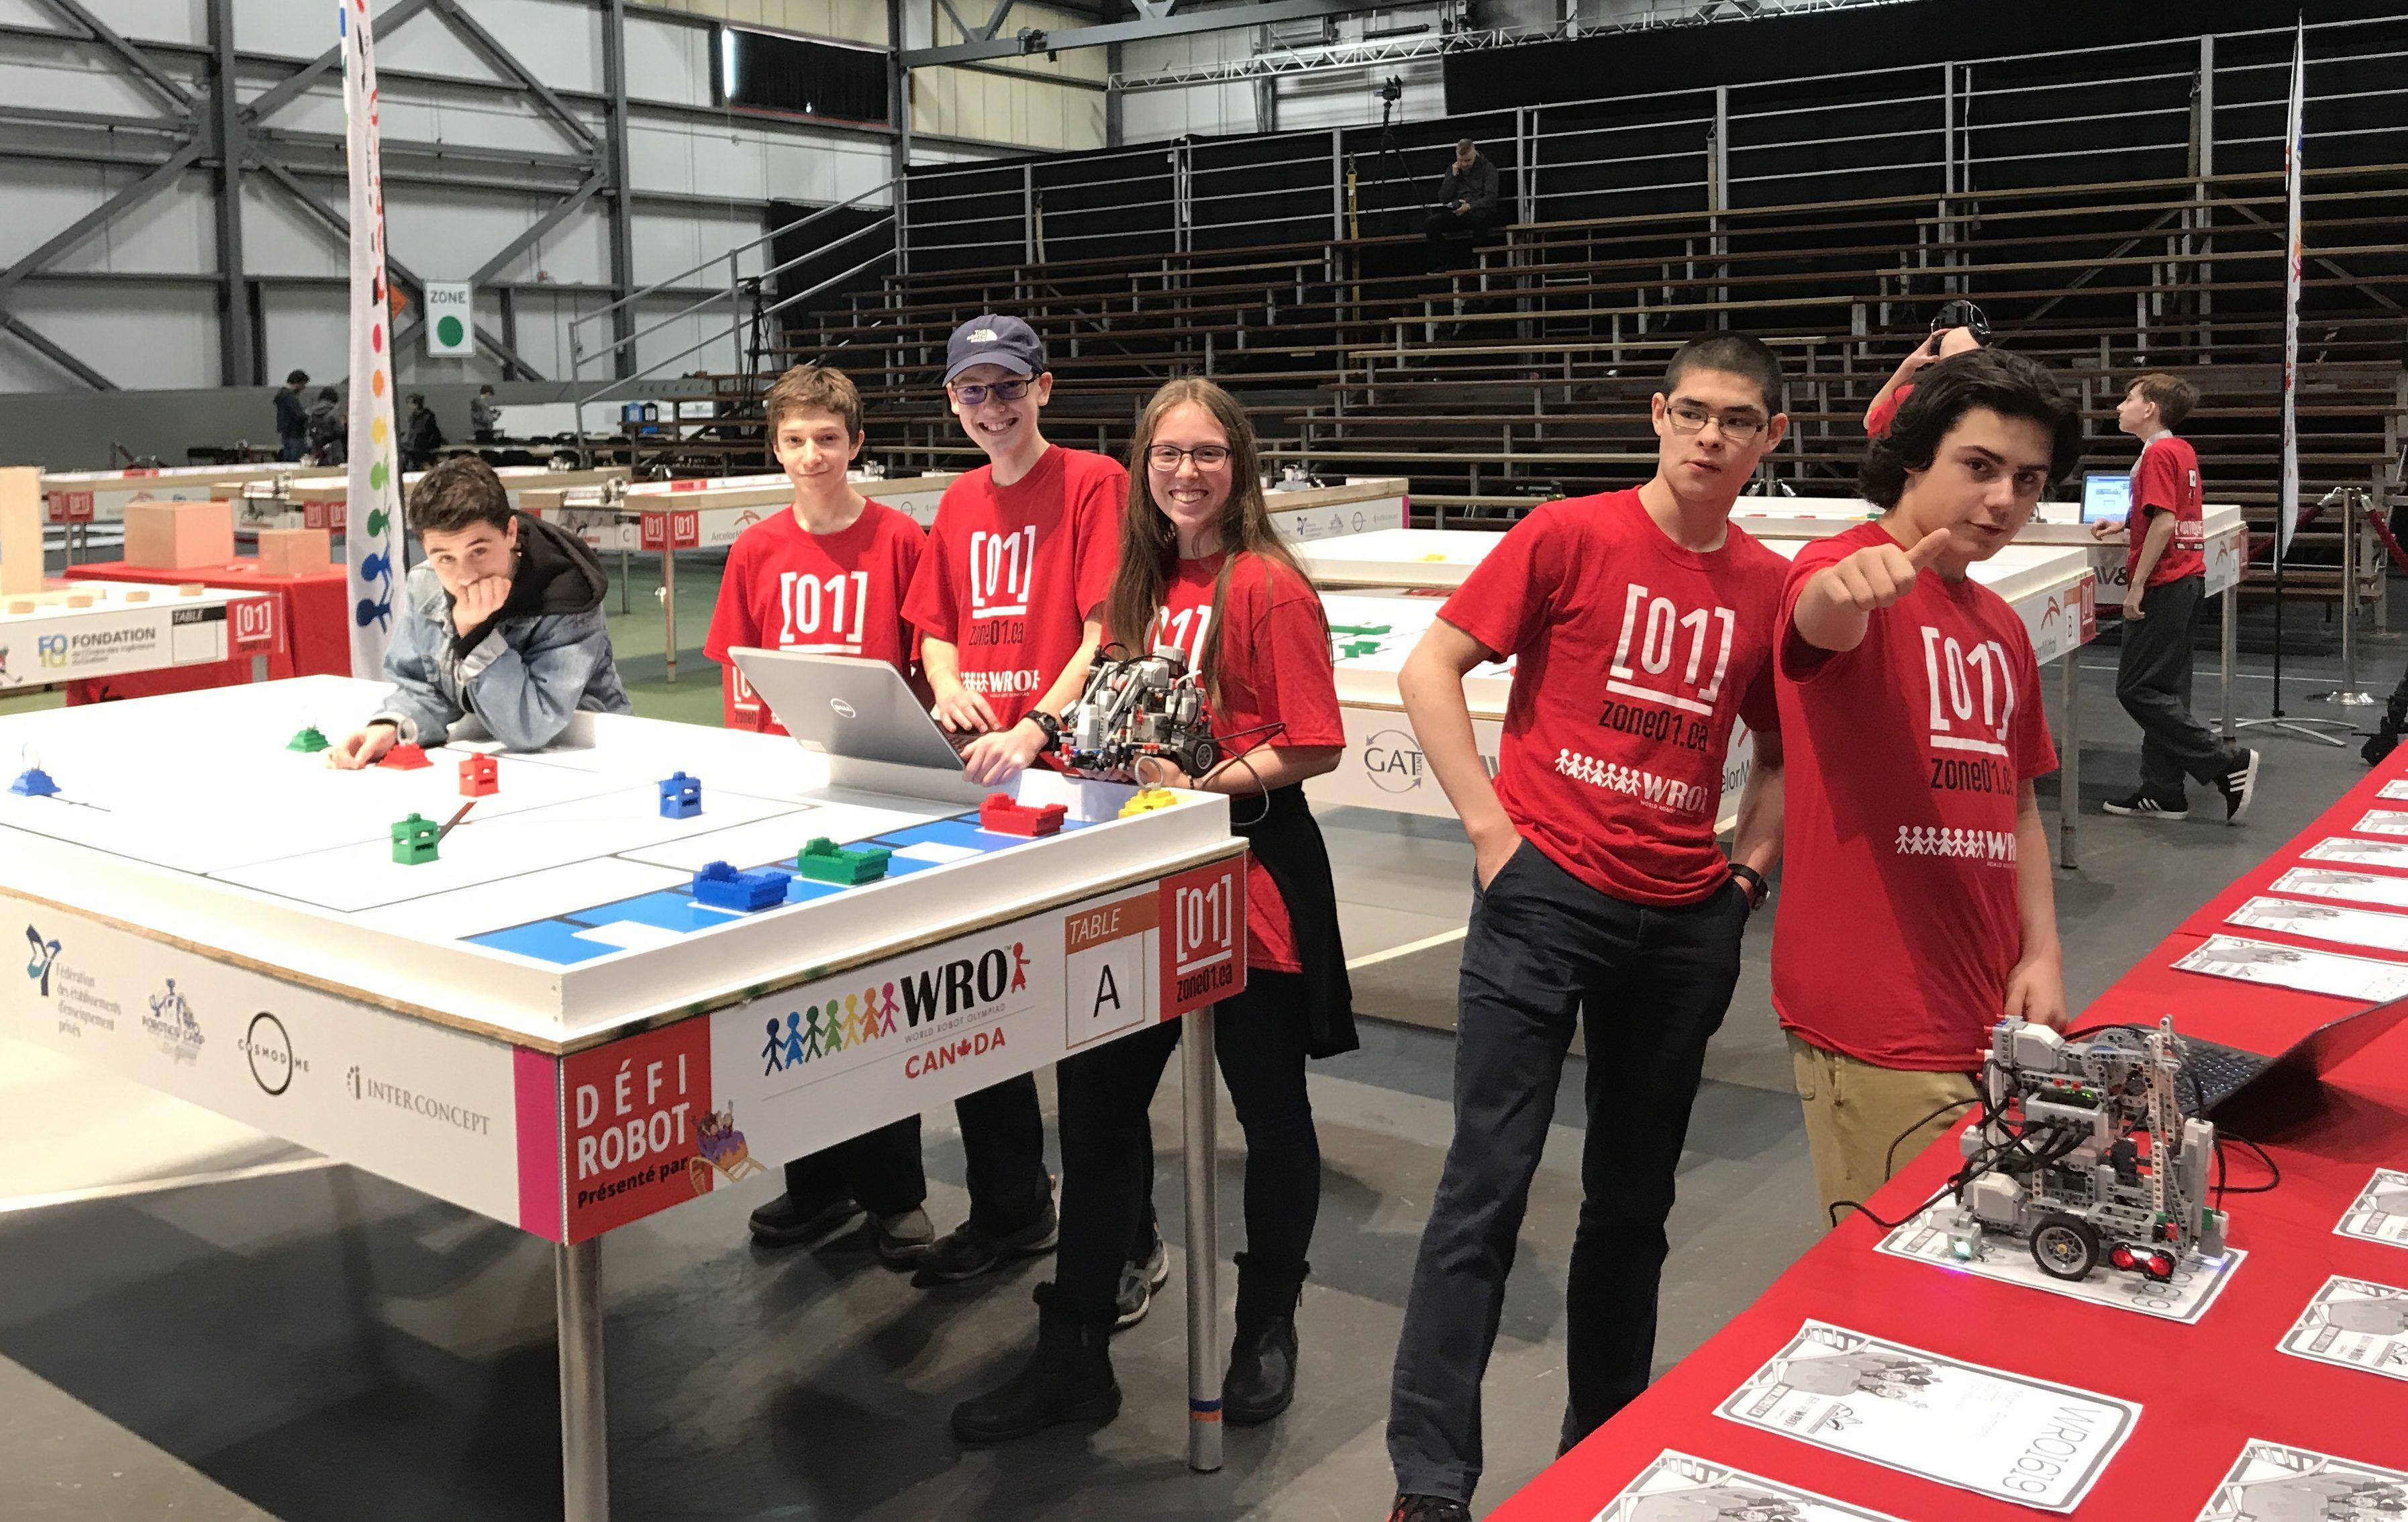 Saison remarquable pour nos équipes de robotique - Collège François ... 271914562a8